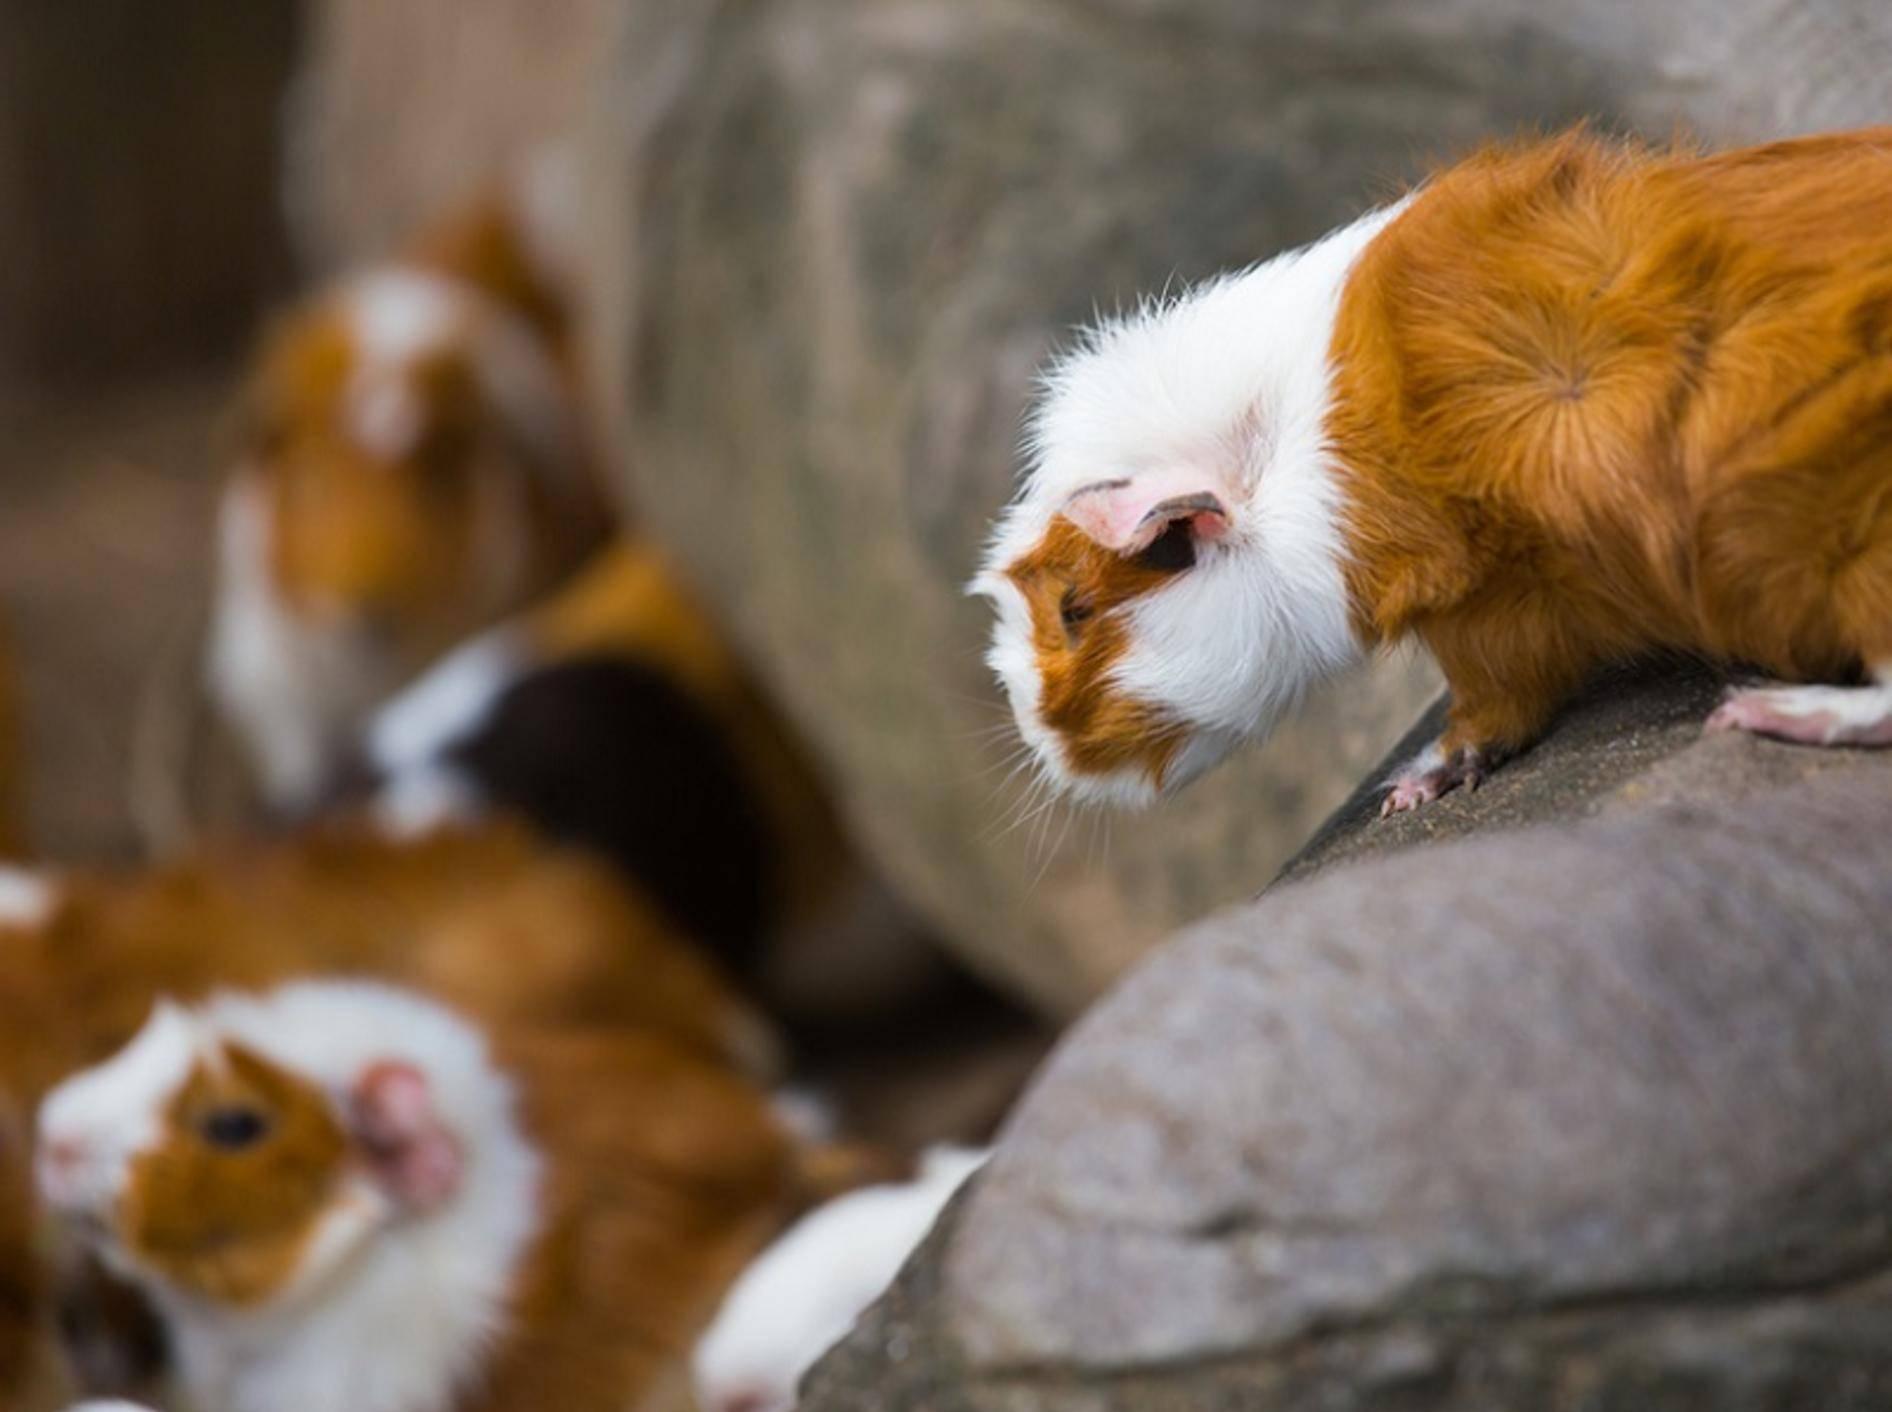 In einer Meerschweinchengruppe hat ein Tier das Sagen und sorgt für ein harmonisches Zusammenleben – Shutterstock / Soultkd